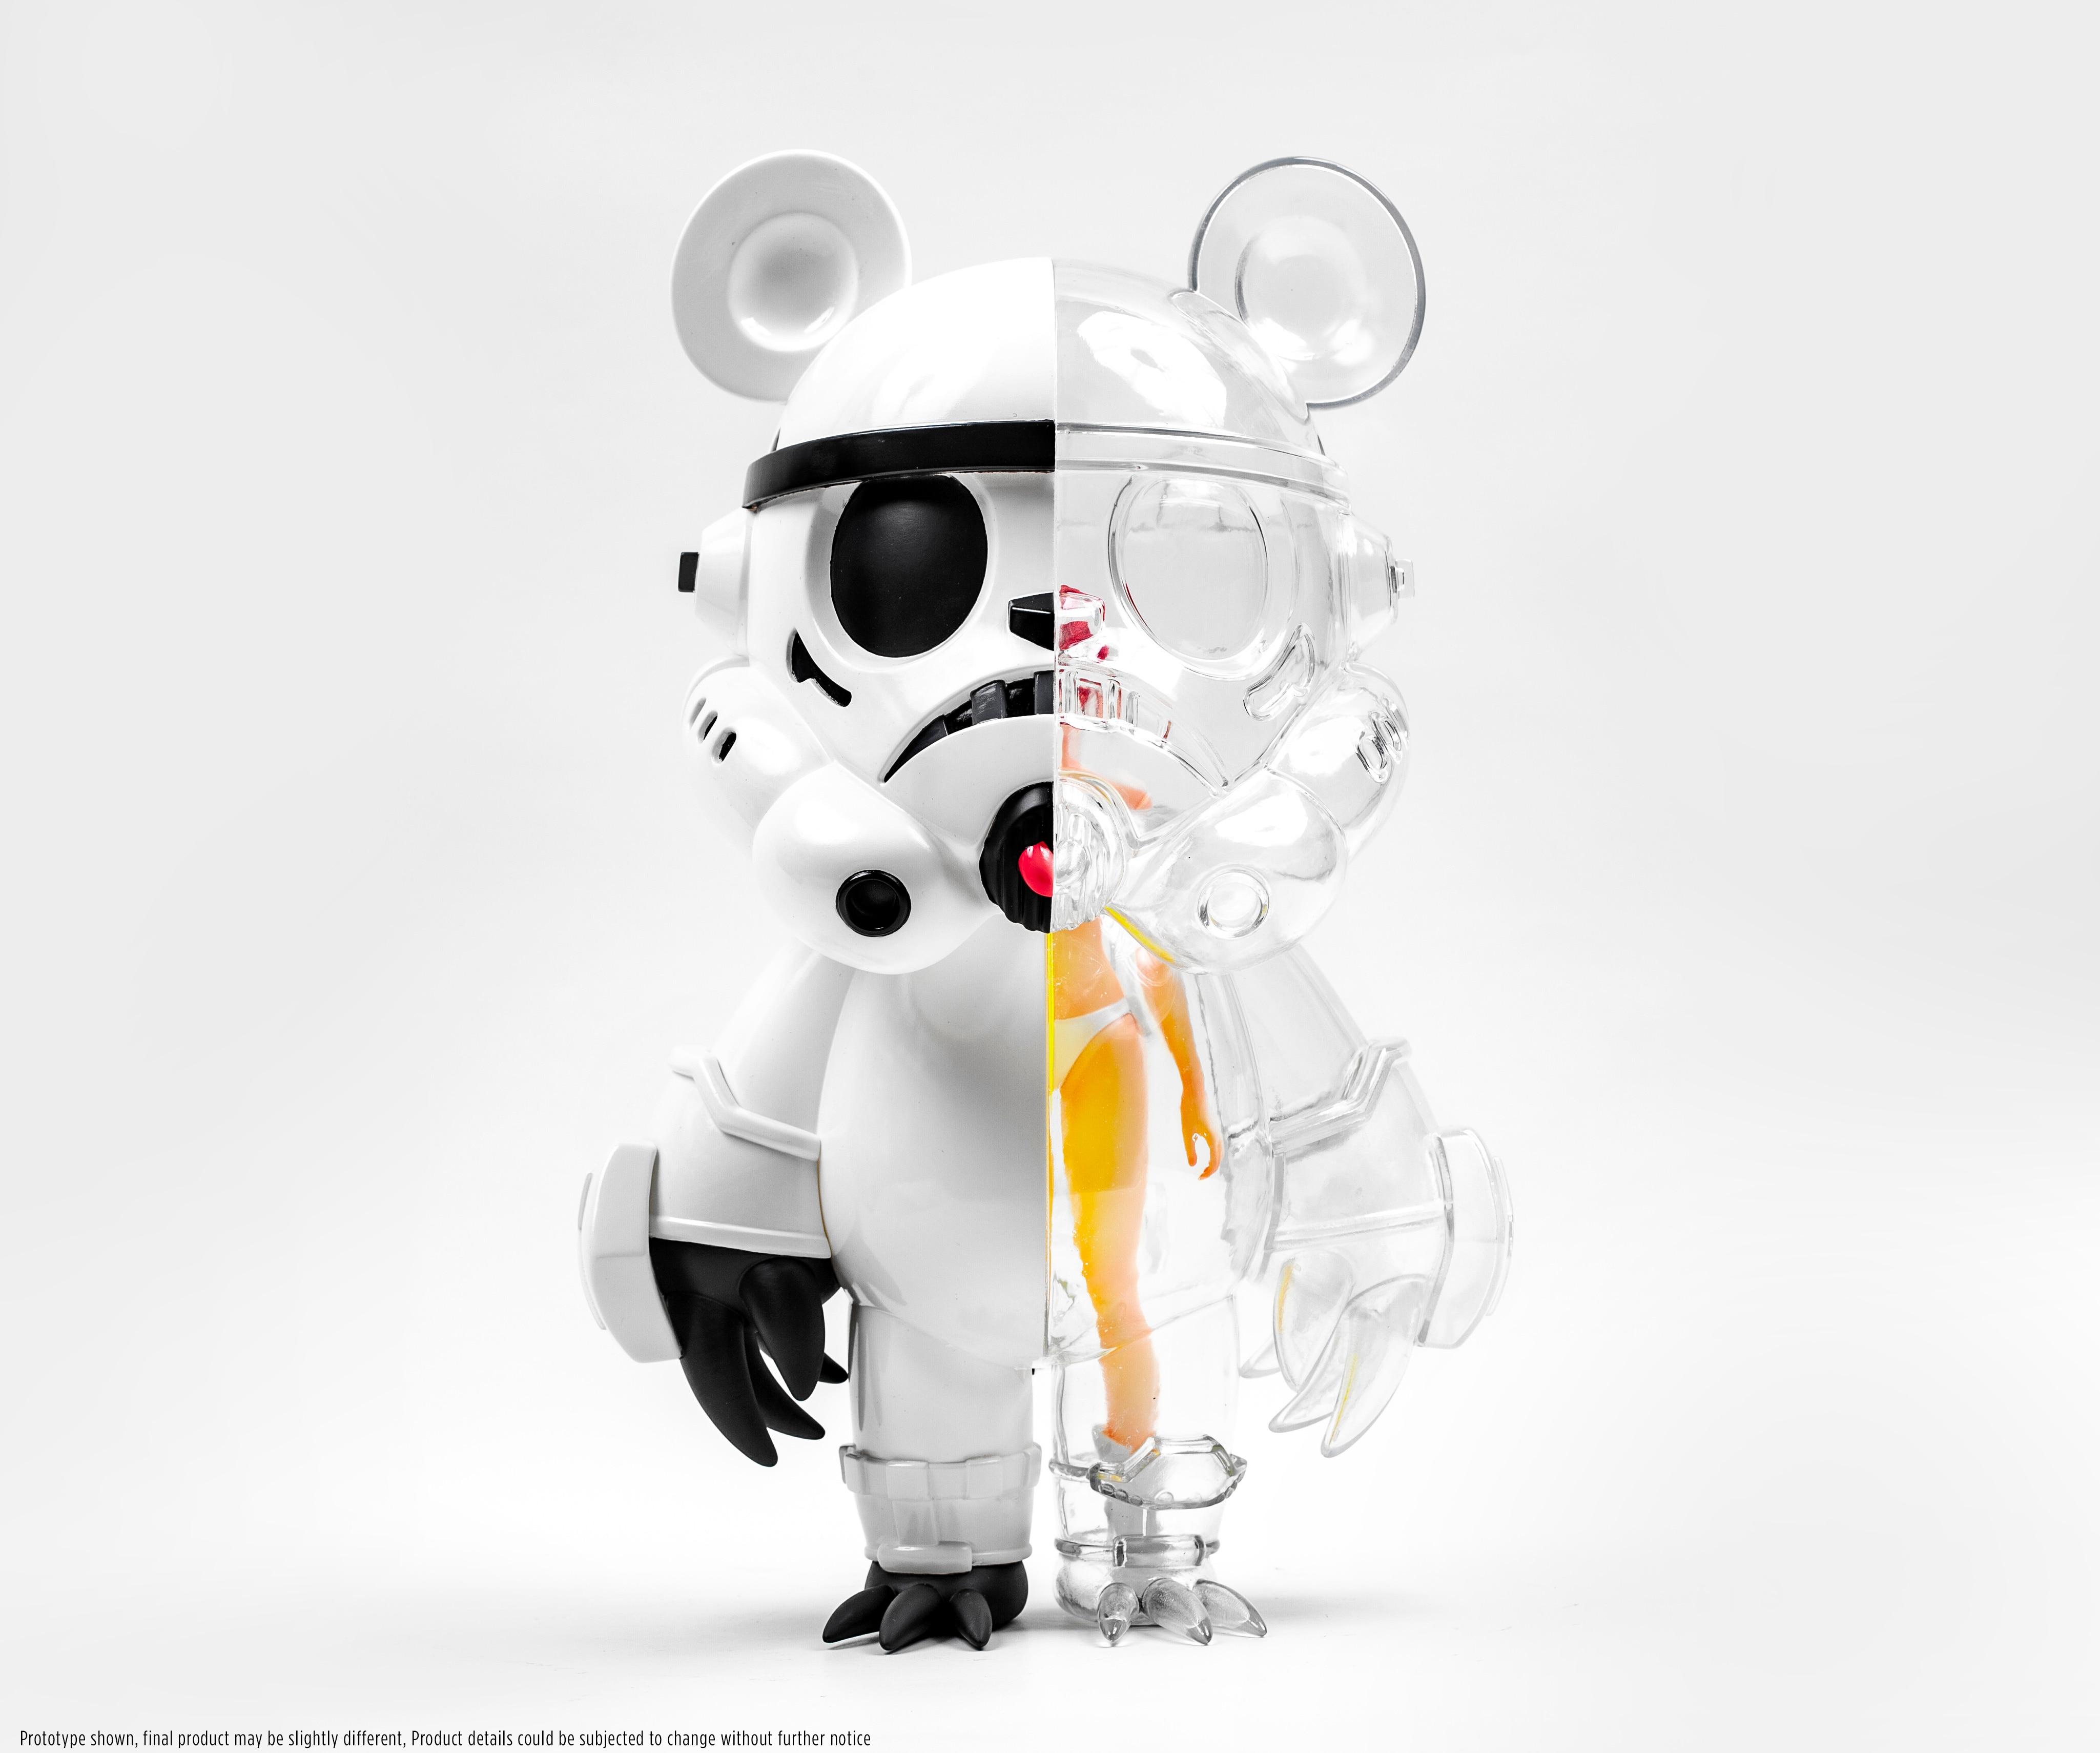 قبل البيع الحمقى الجنة KEIKOTROOPER الدب البلاستيكية لعبة كبيرة تمثال نموذج الفينيل هدايا عيد الميلاد طبعة محدودة تحصيل